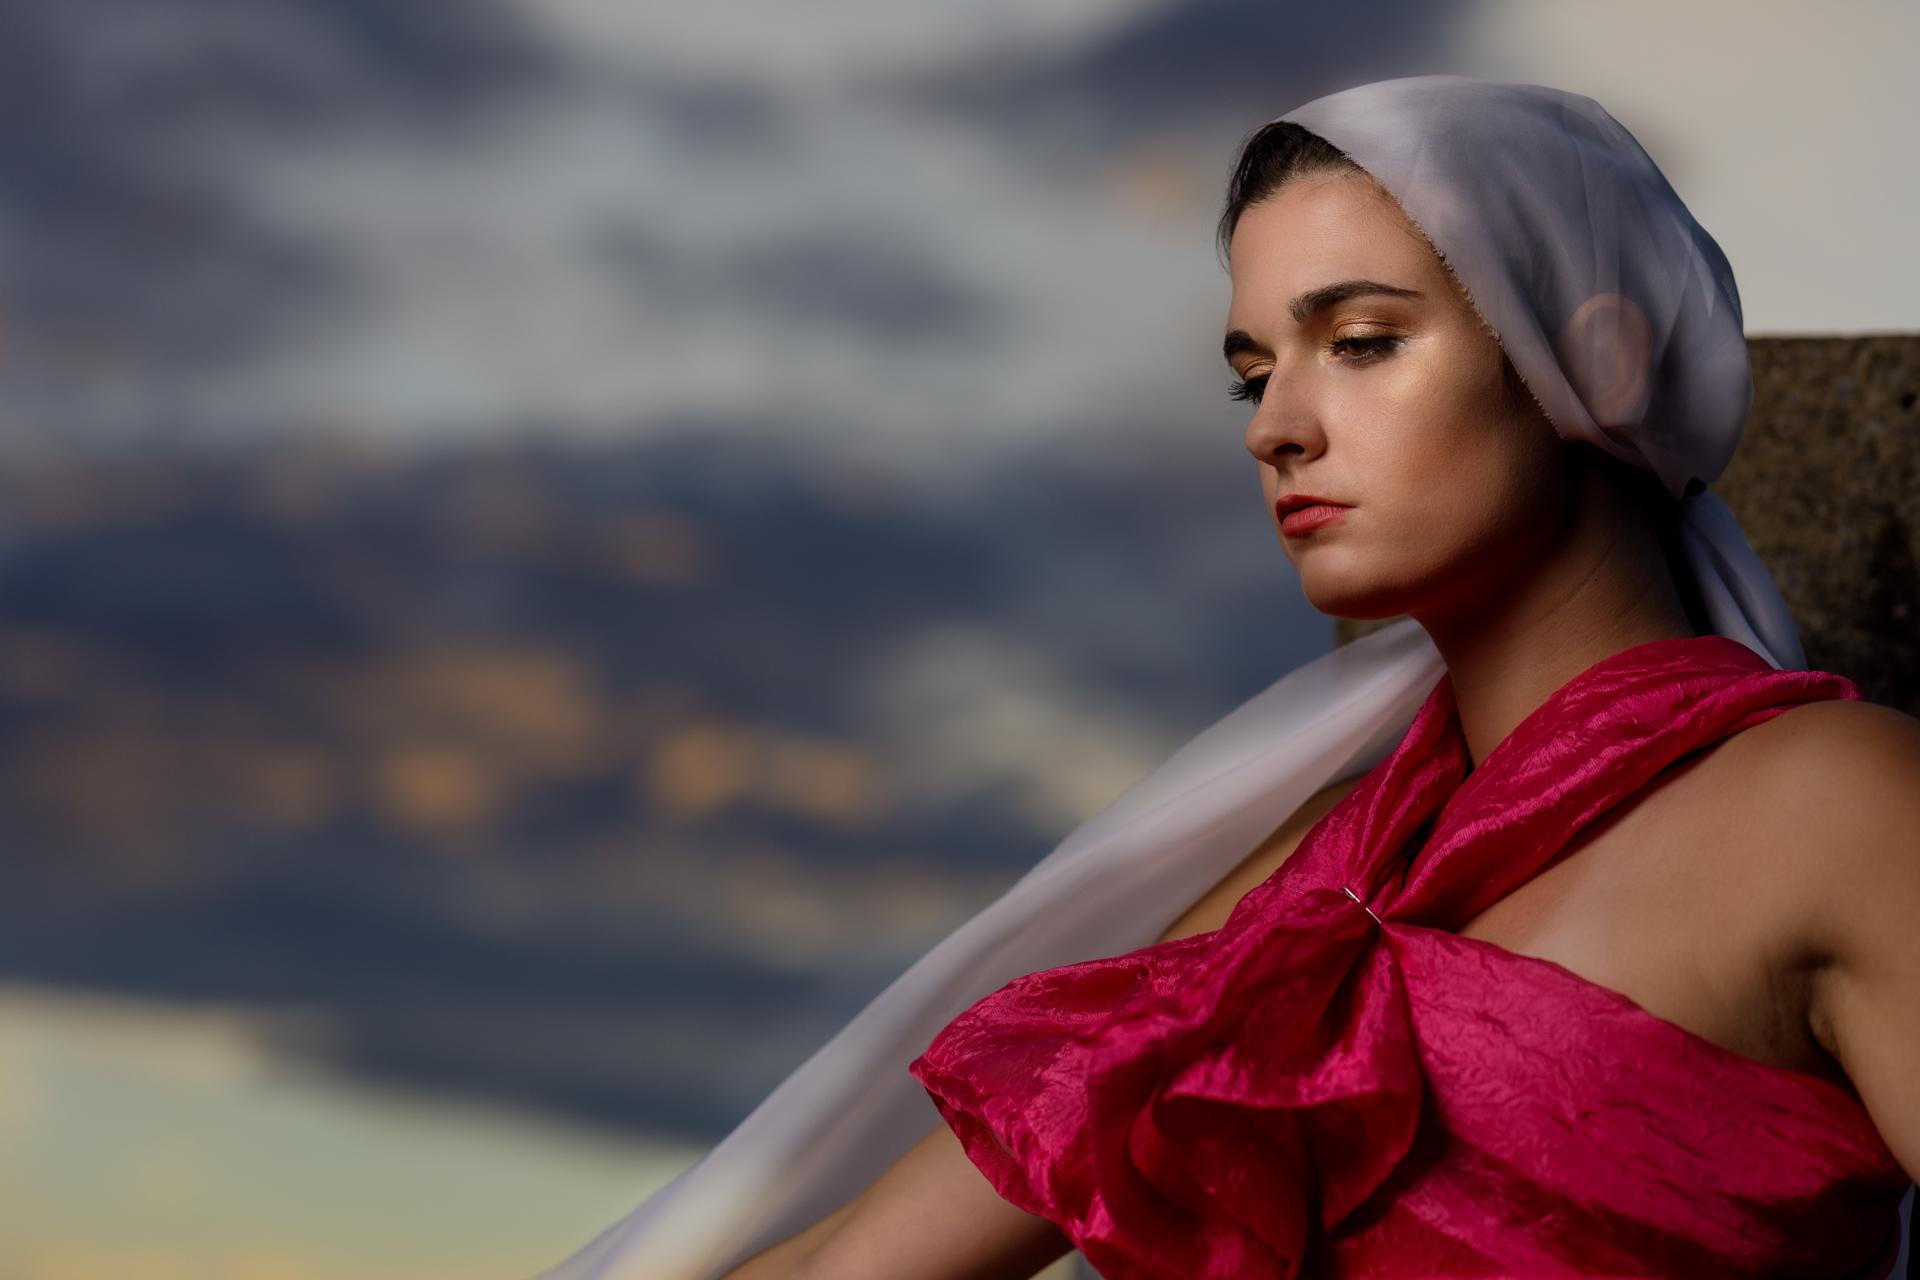 CFrenette-marilyne-ruban rose-11